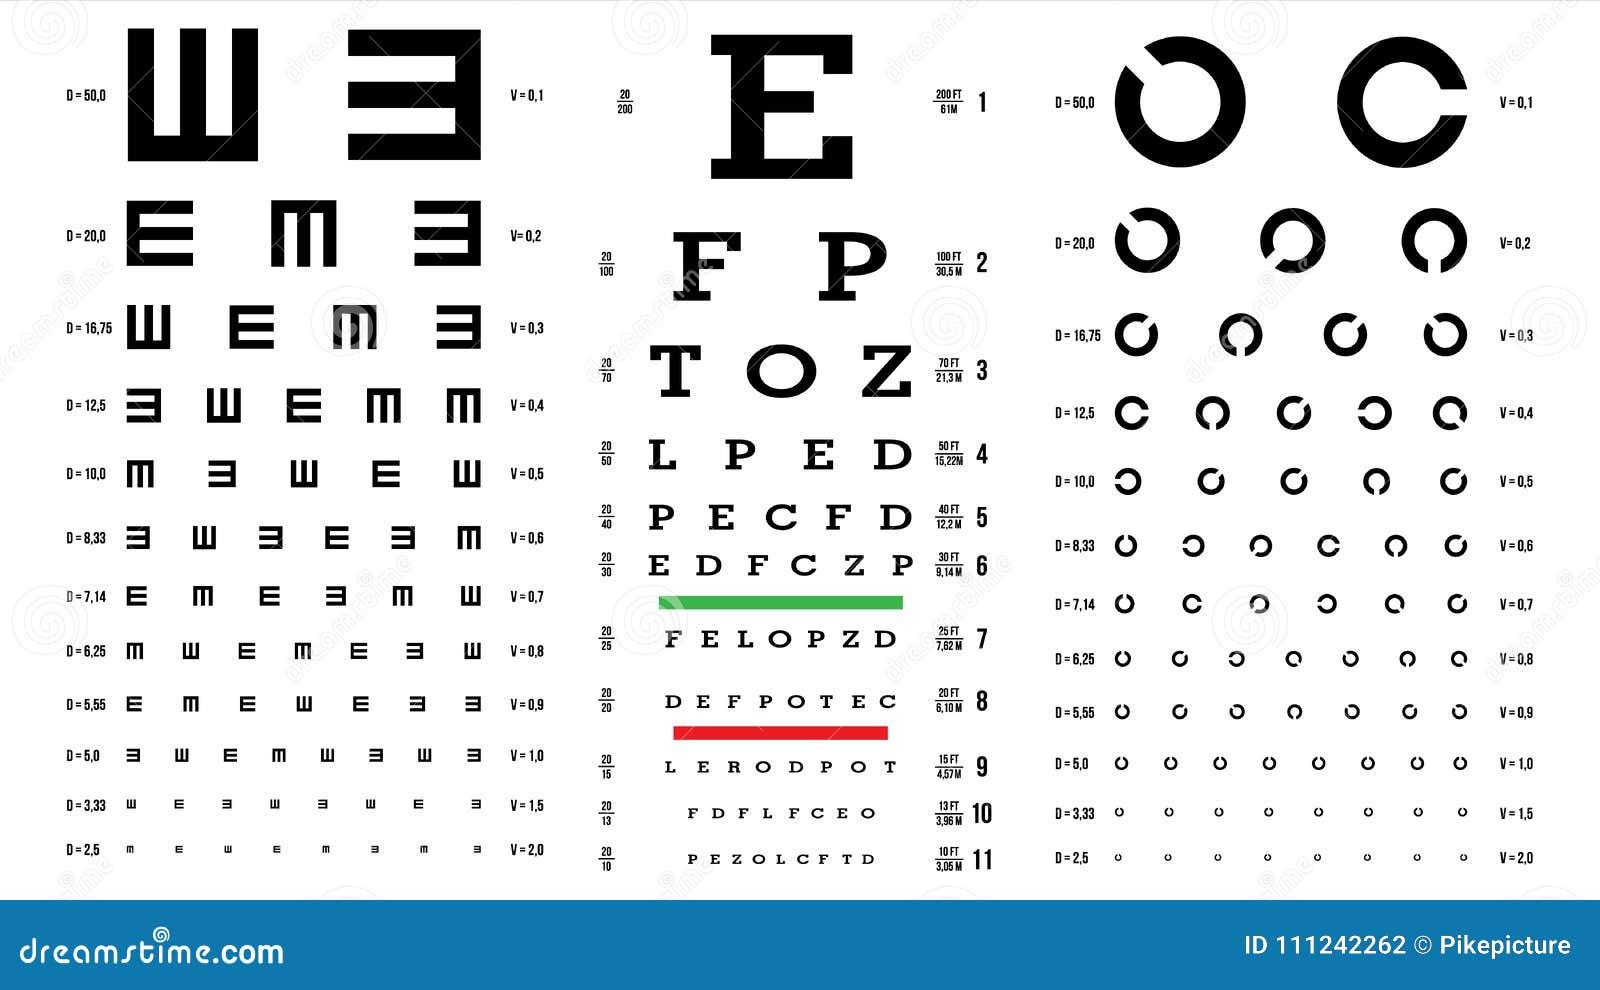 Vektor för ögonprovdiagram Visionexamen Optometriker Check Medicinsk ögondiagnostik Olika typer Sikt synförmåga optiskt